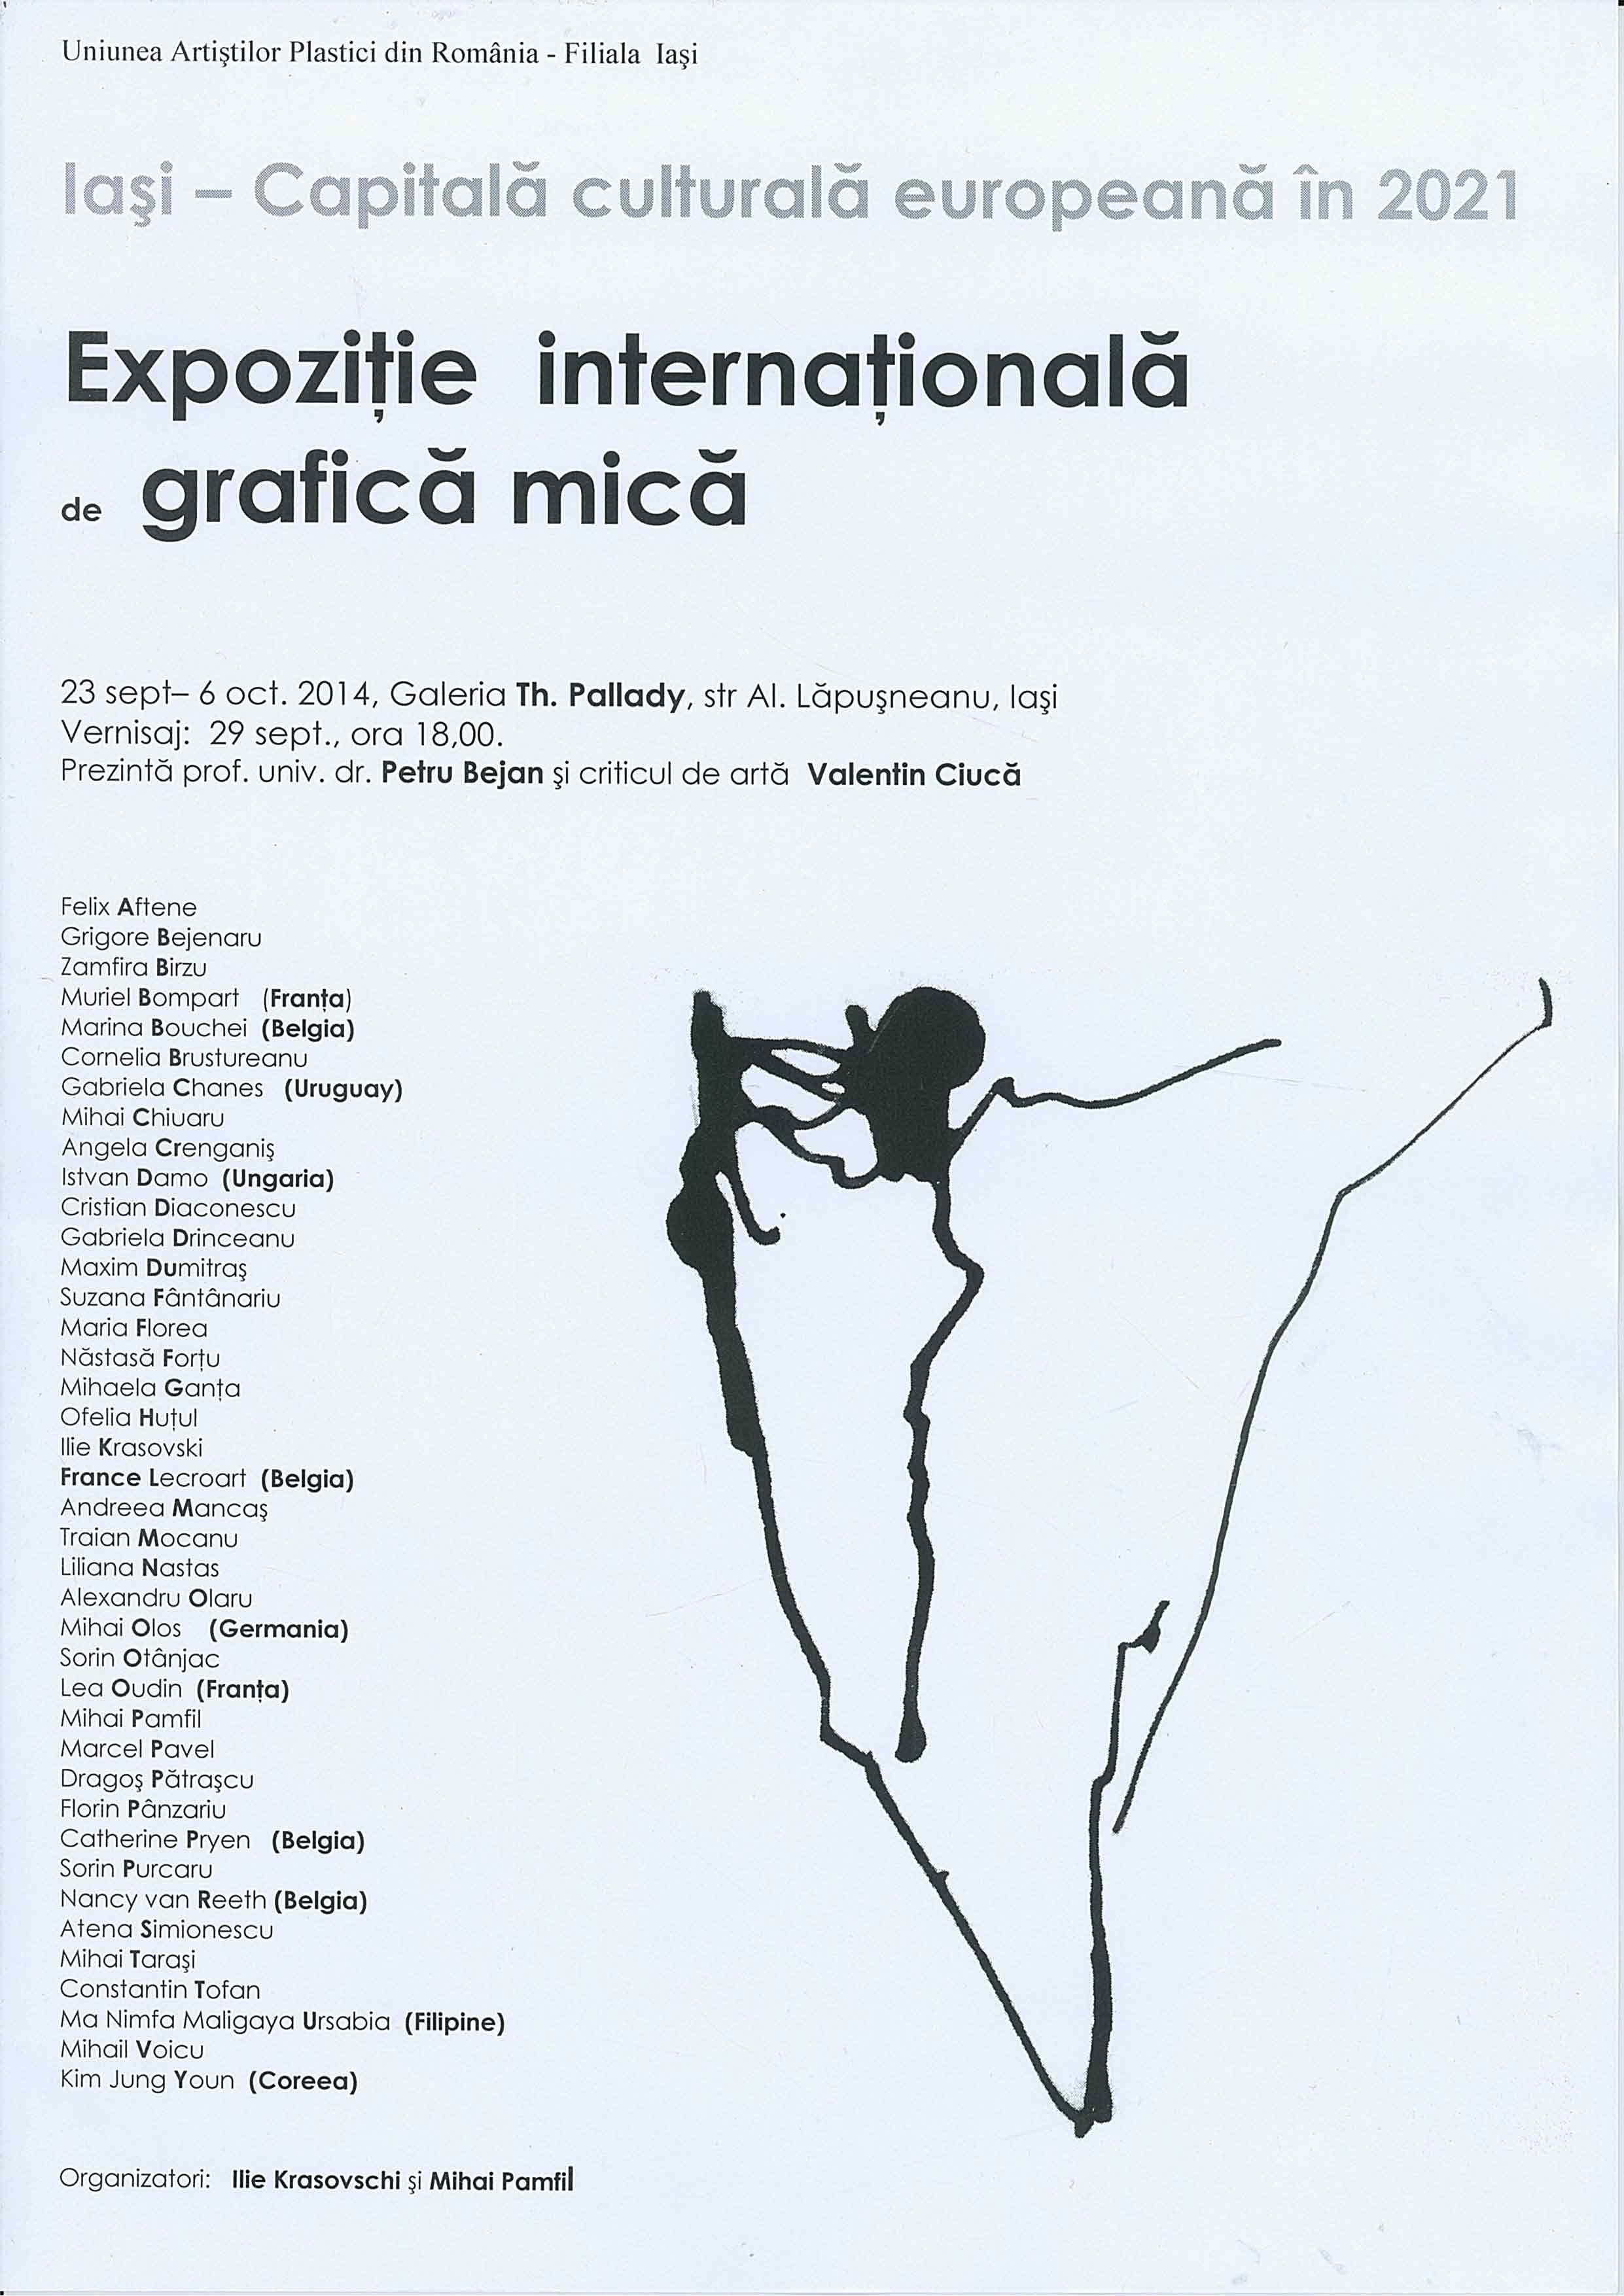 """""""Expoziție internațională de grafică mică"""" @ Galeria """"Theodor Pallady"""", Iași"""